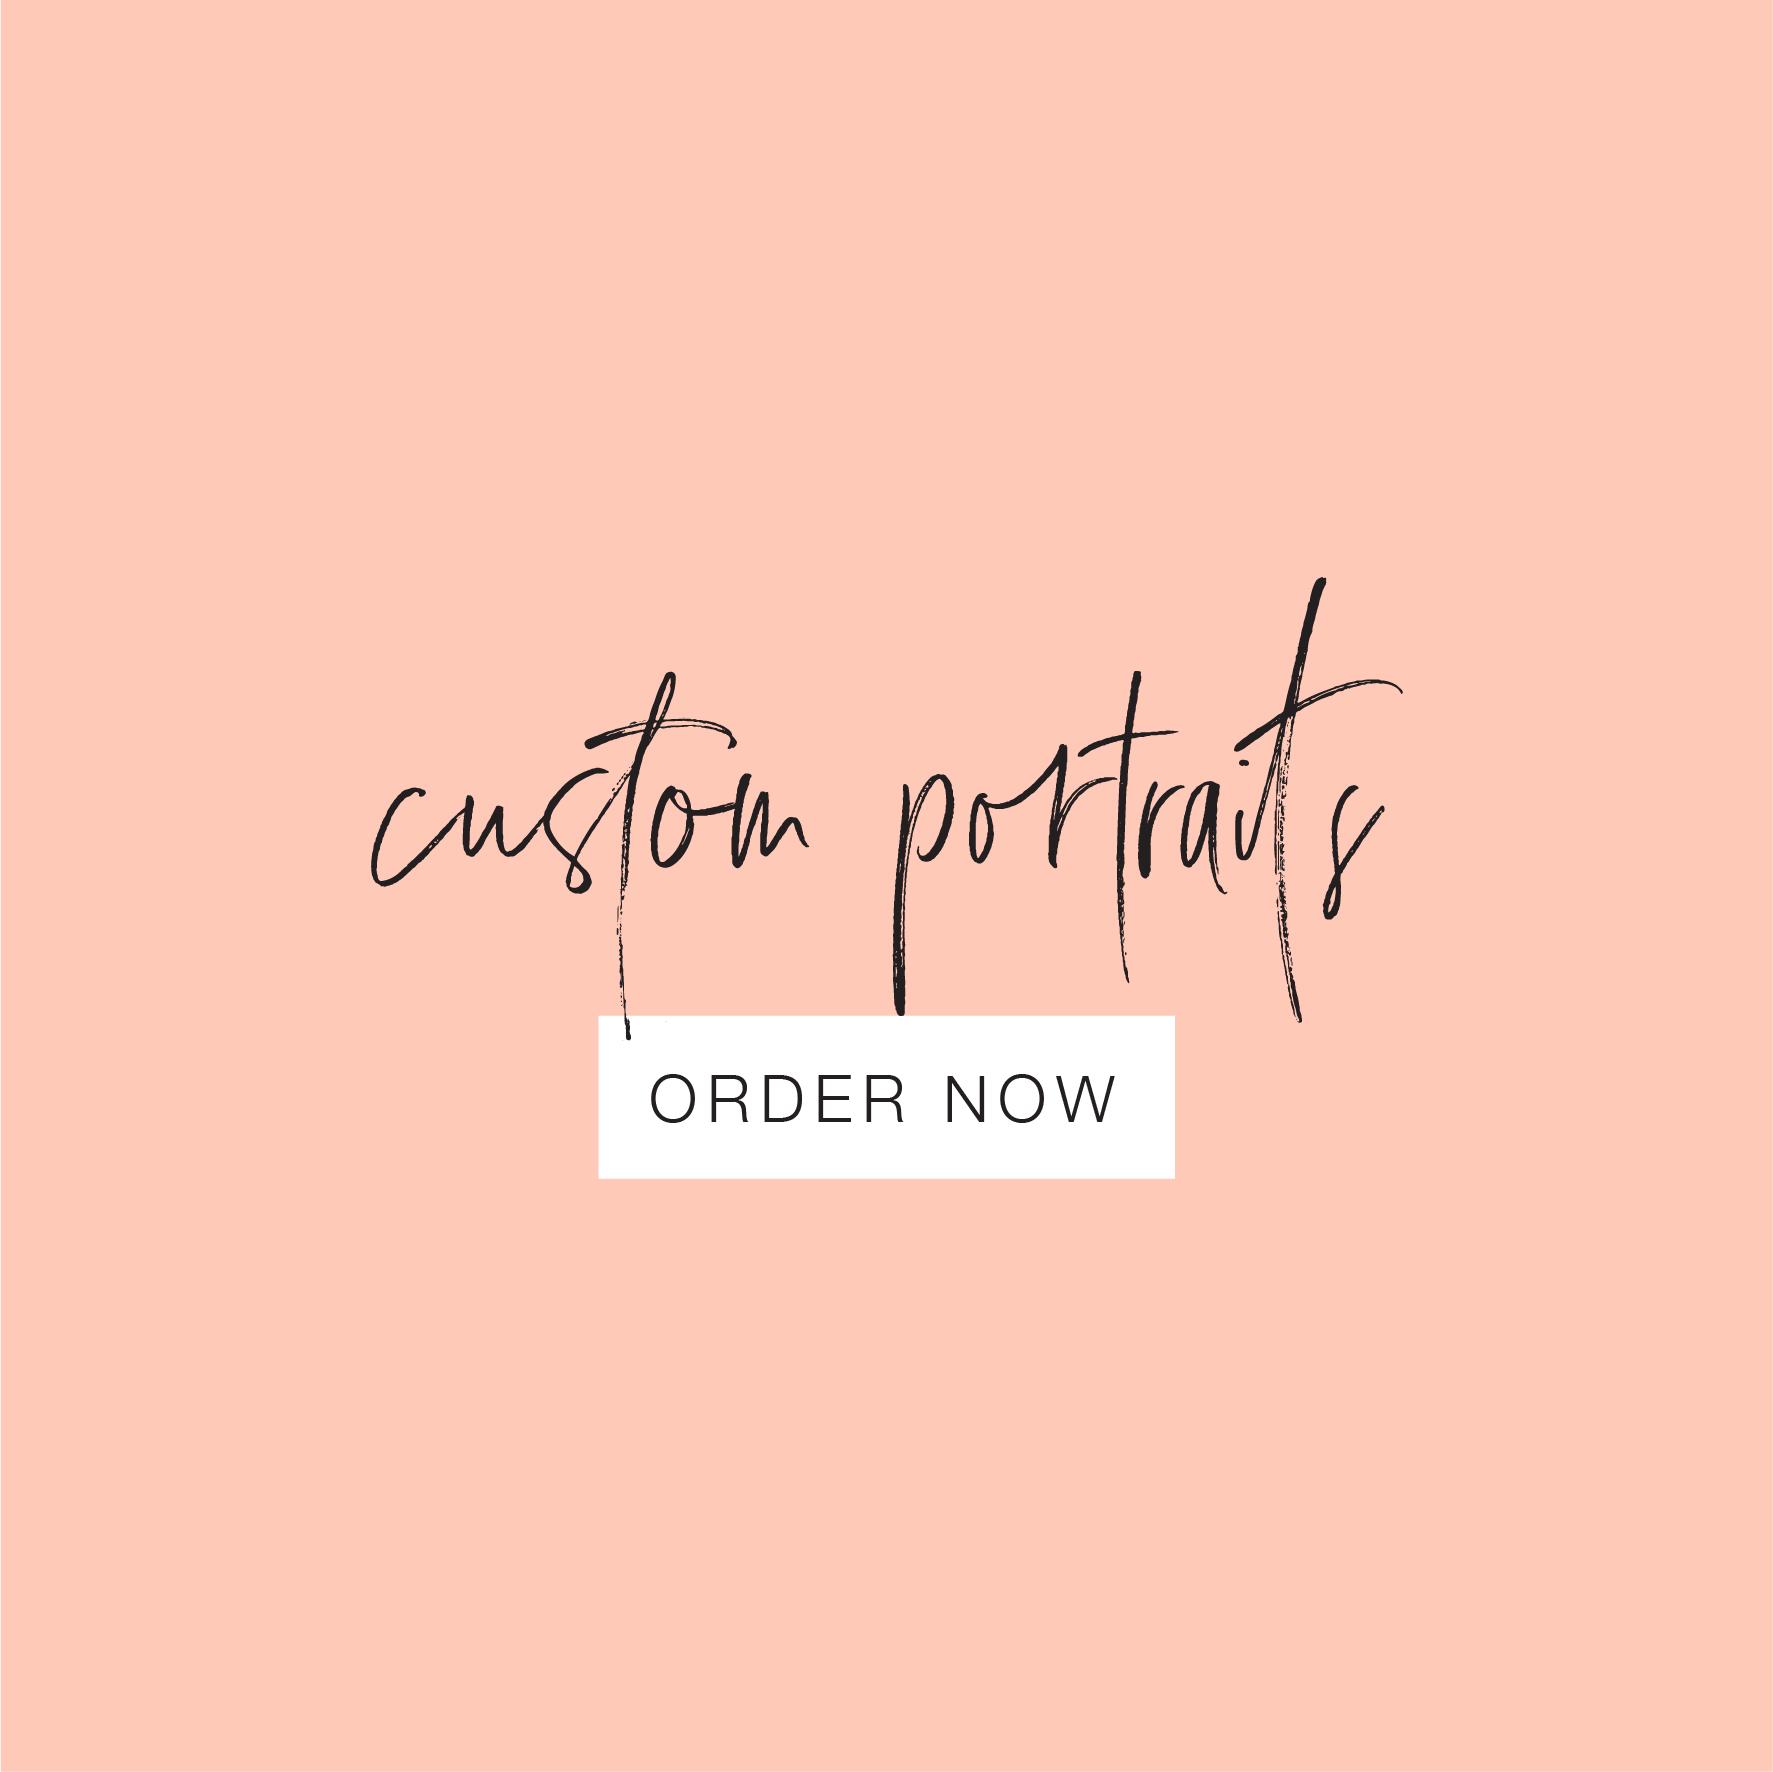 website homepage tiles- custom portrait v4-04